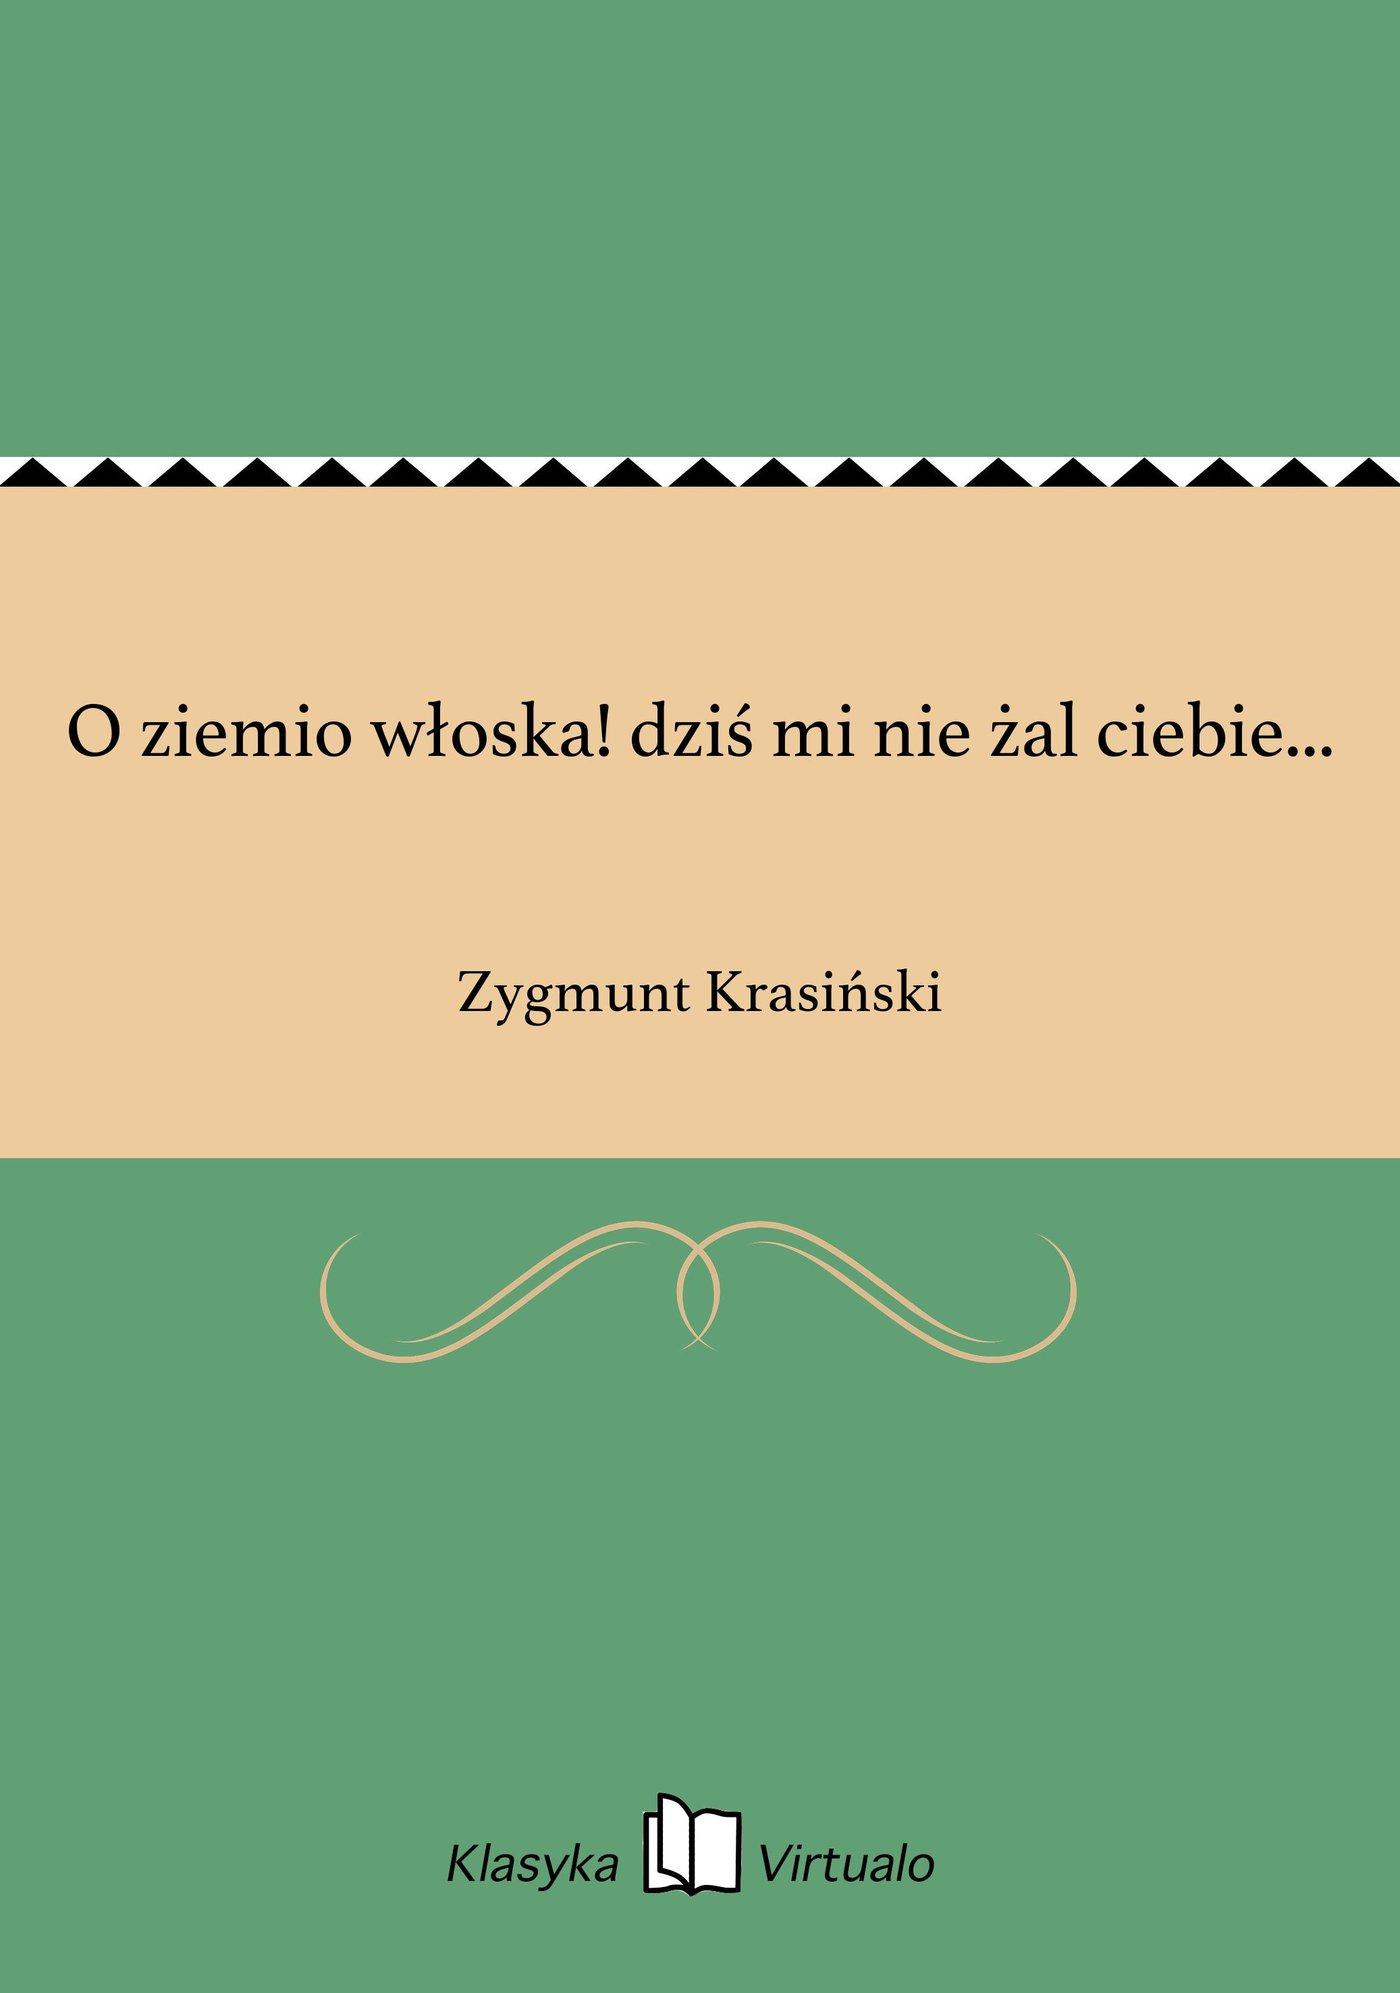 O ziemio włoska! dziś mi nie żal ciebie... - Ebook (Książka na Kindle) do pobrania w formacie MOBI